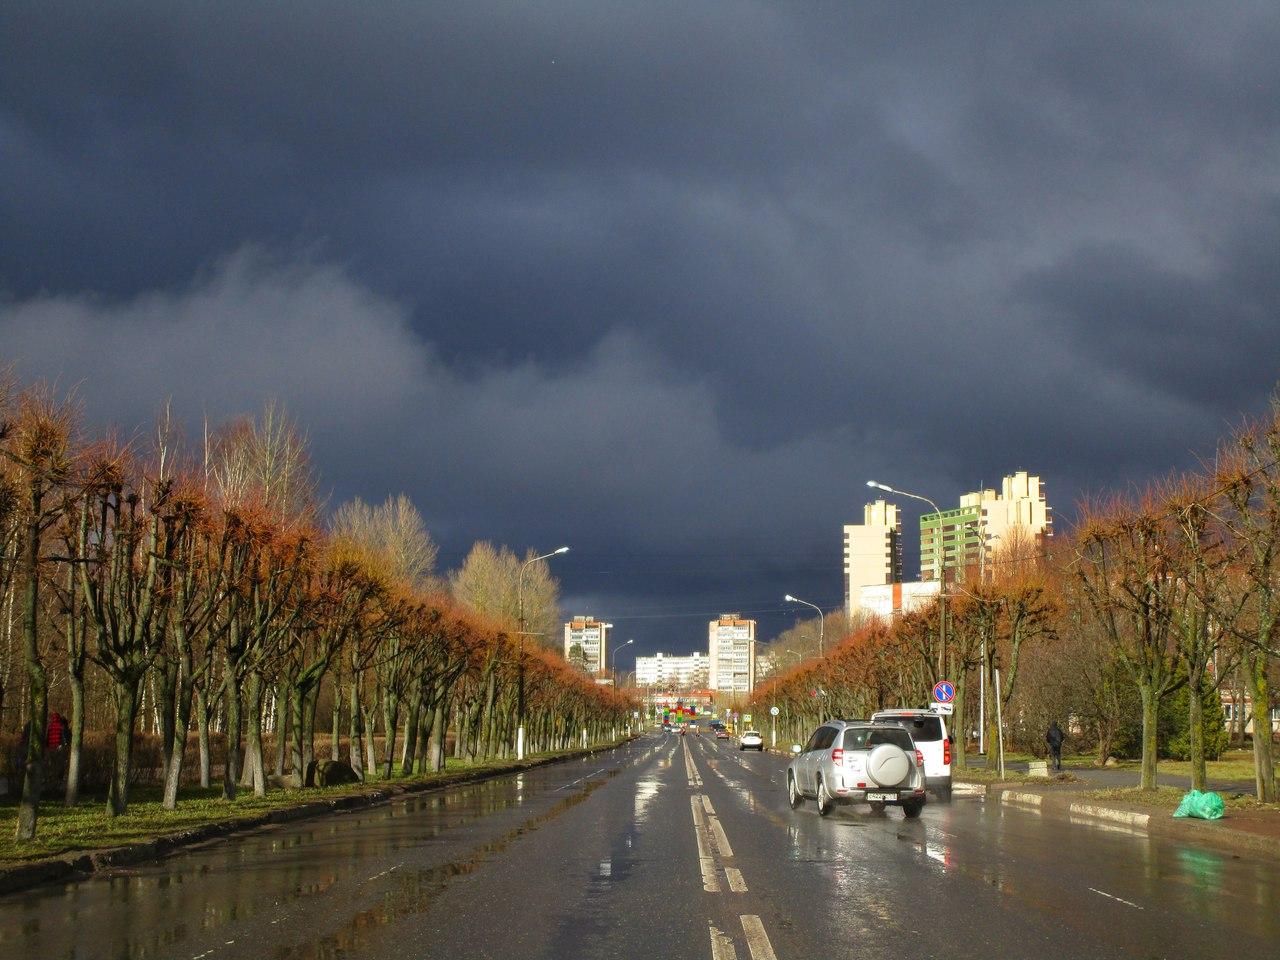 фото погода в ленинградской области моя, радость